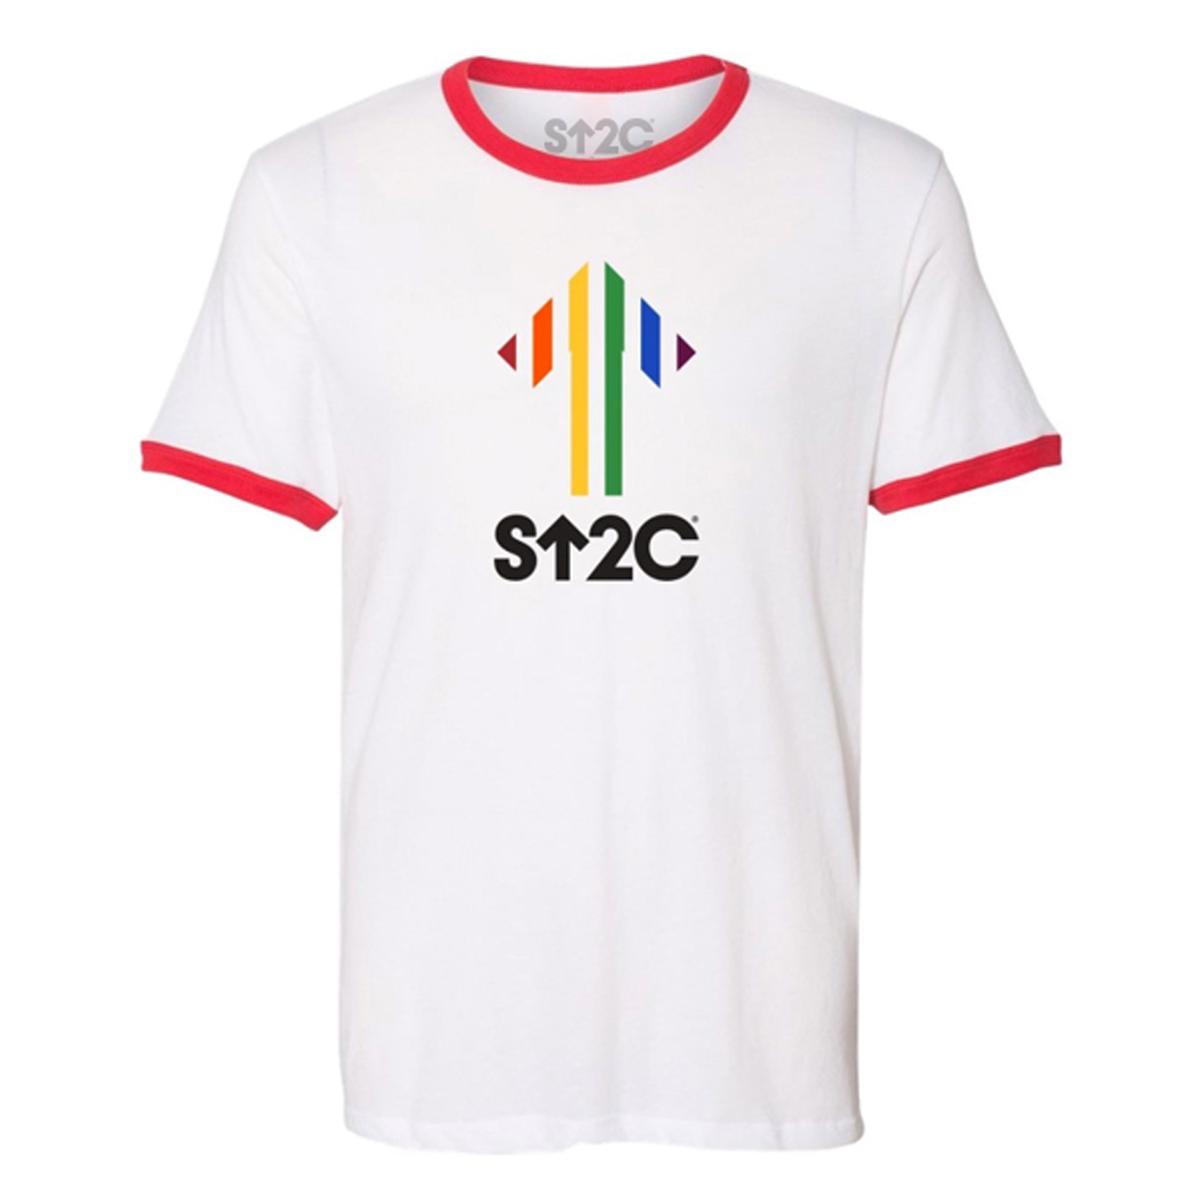 SU2C Pride Rainbow Stripe Ringer T-shirt